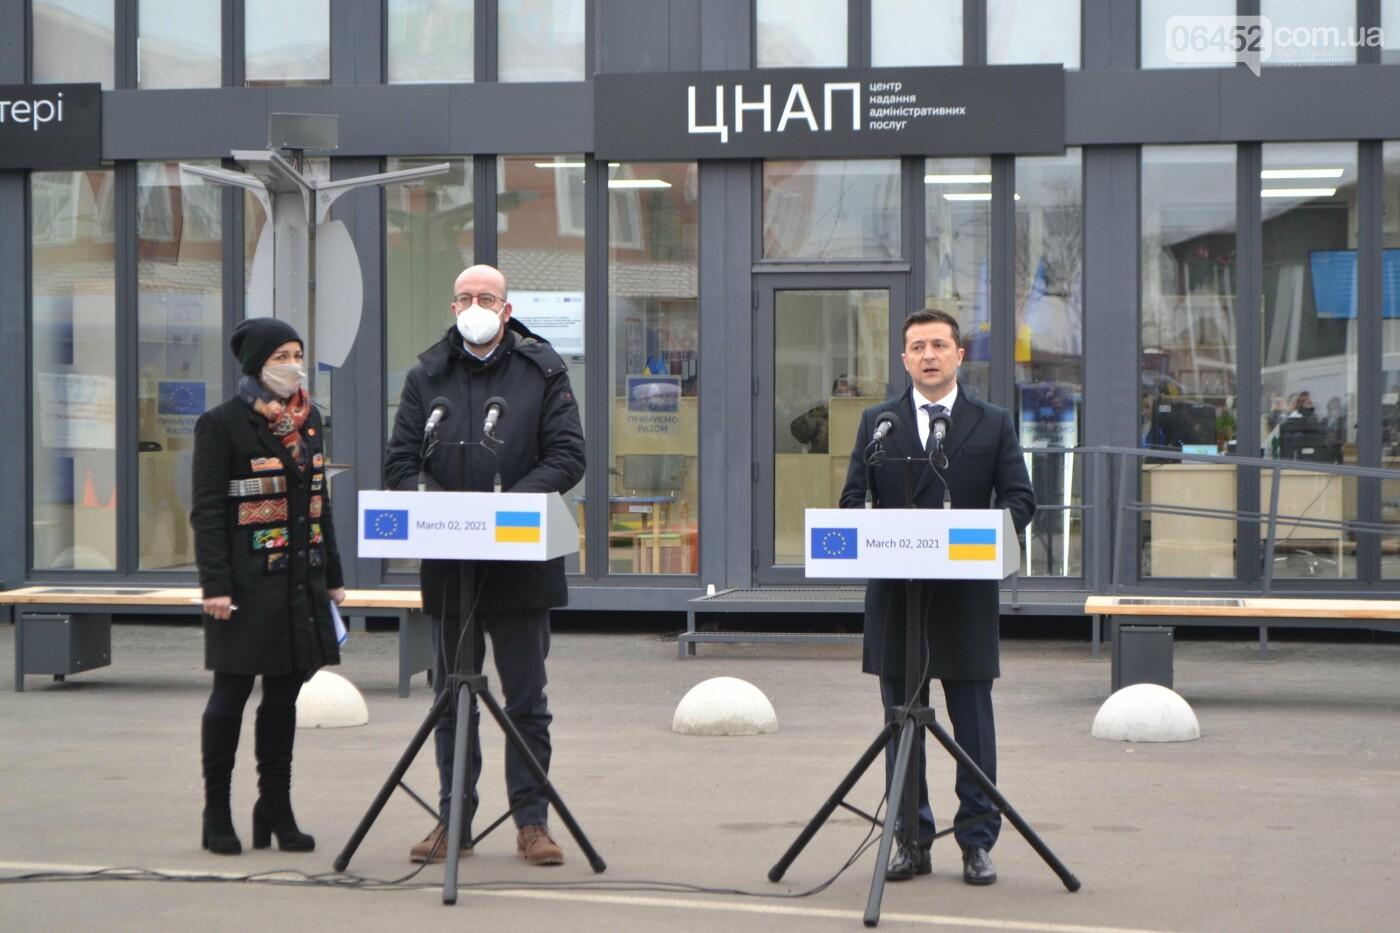 На Луганщине ЕС вводит новую программу предоставления государственных услуг, фото-1